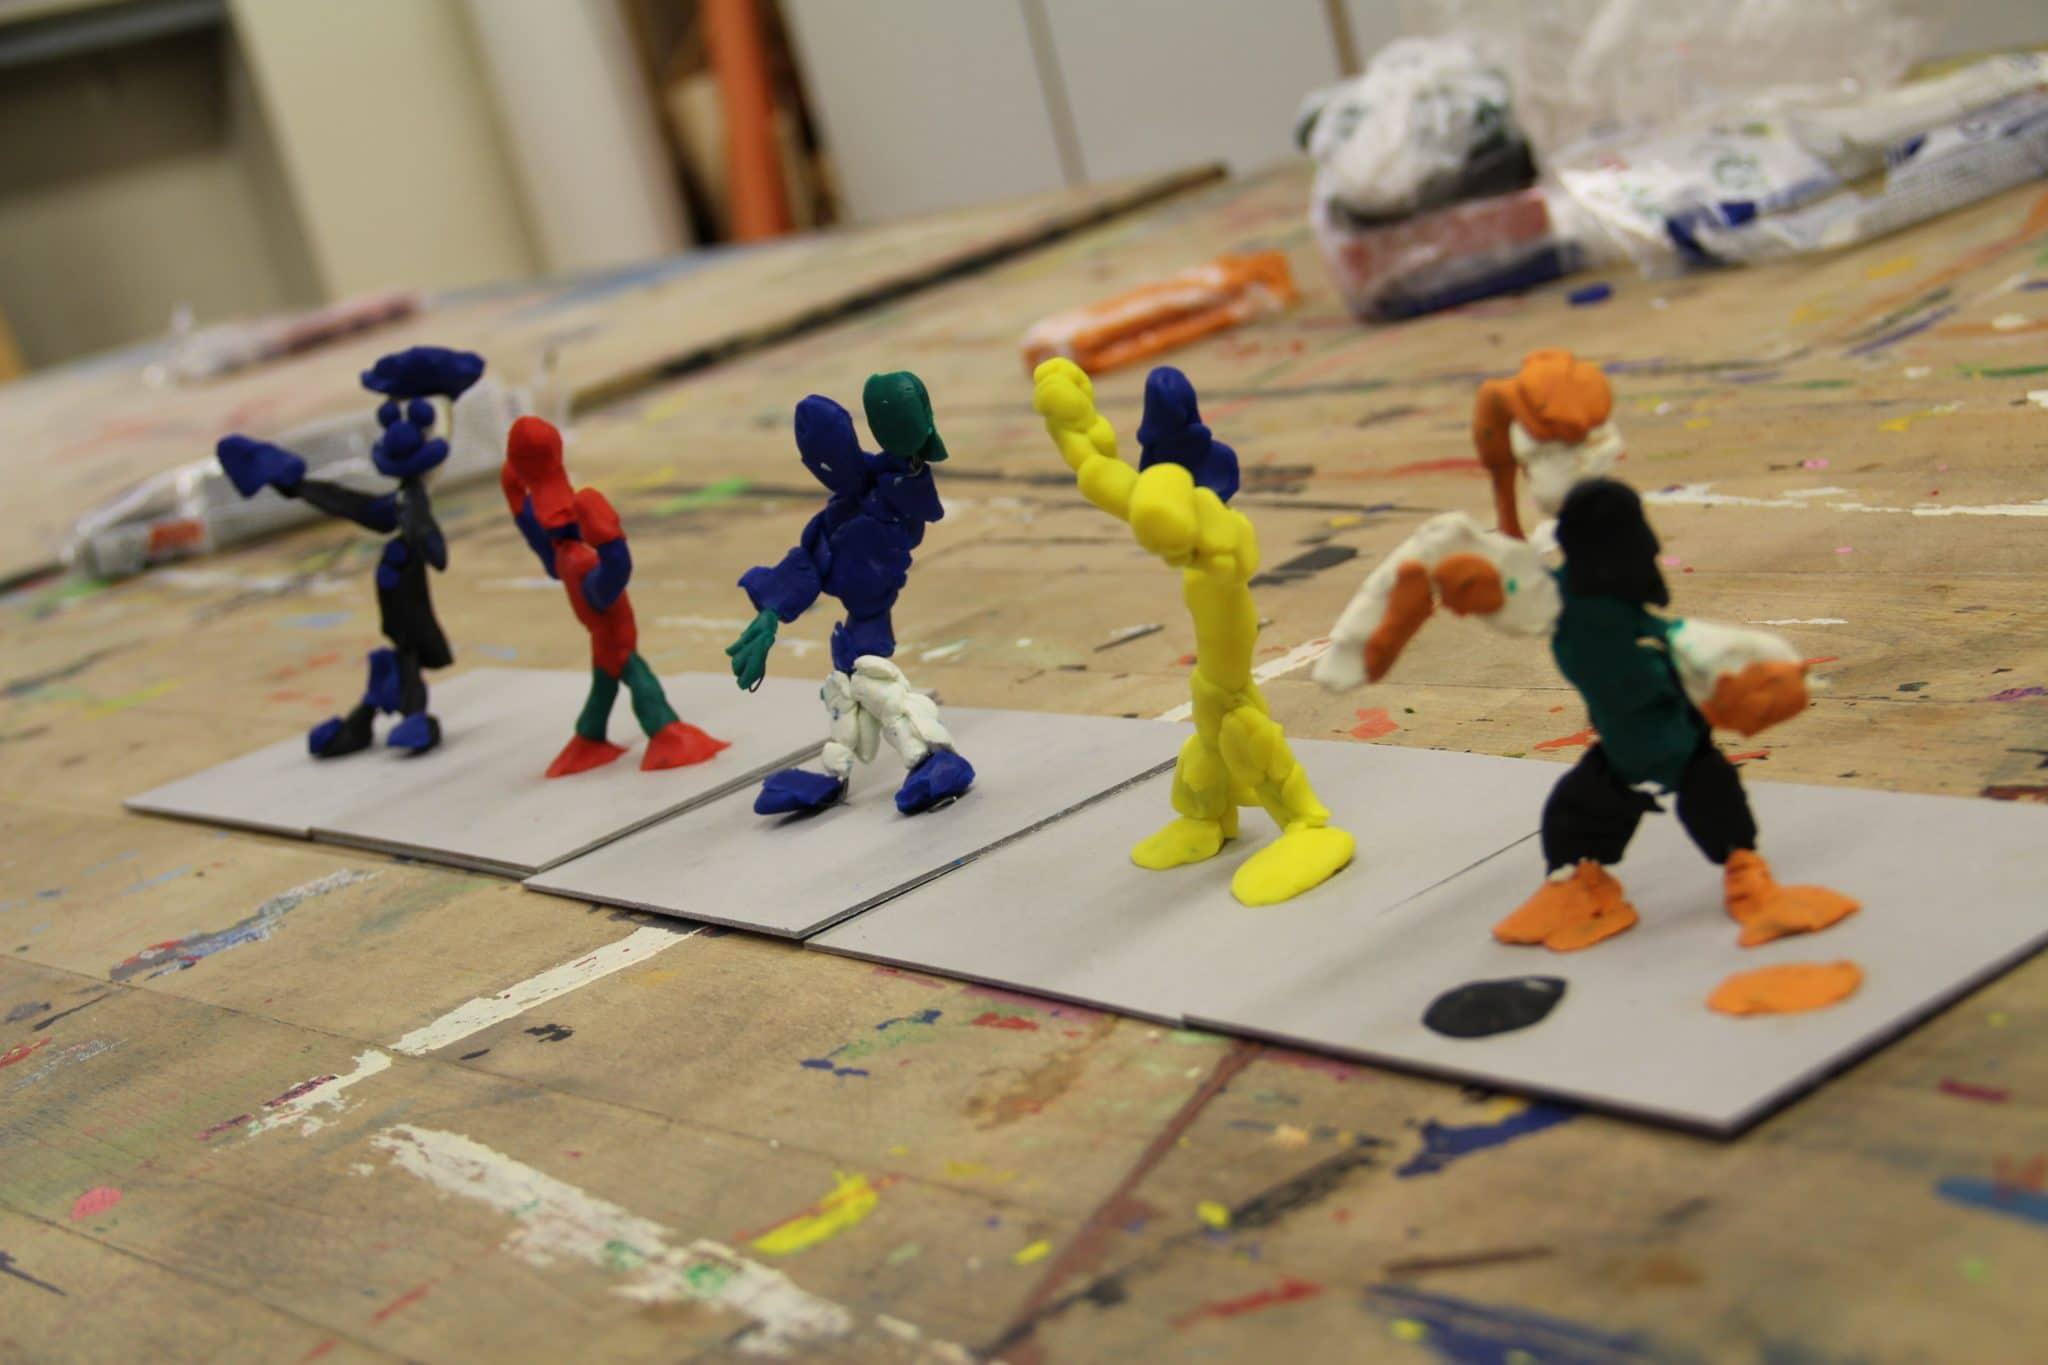 """Ausstellung """"mapping movements""""  vom 18.12. bis 06.01. im Studio 1 des K20"""